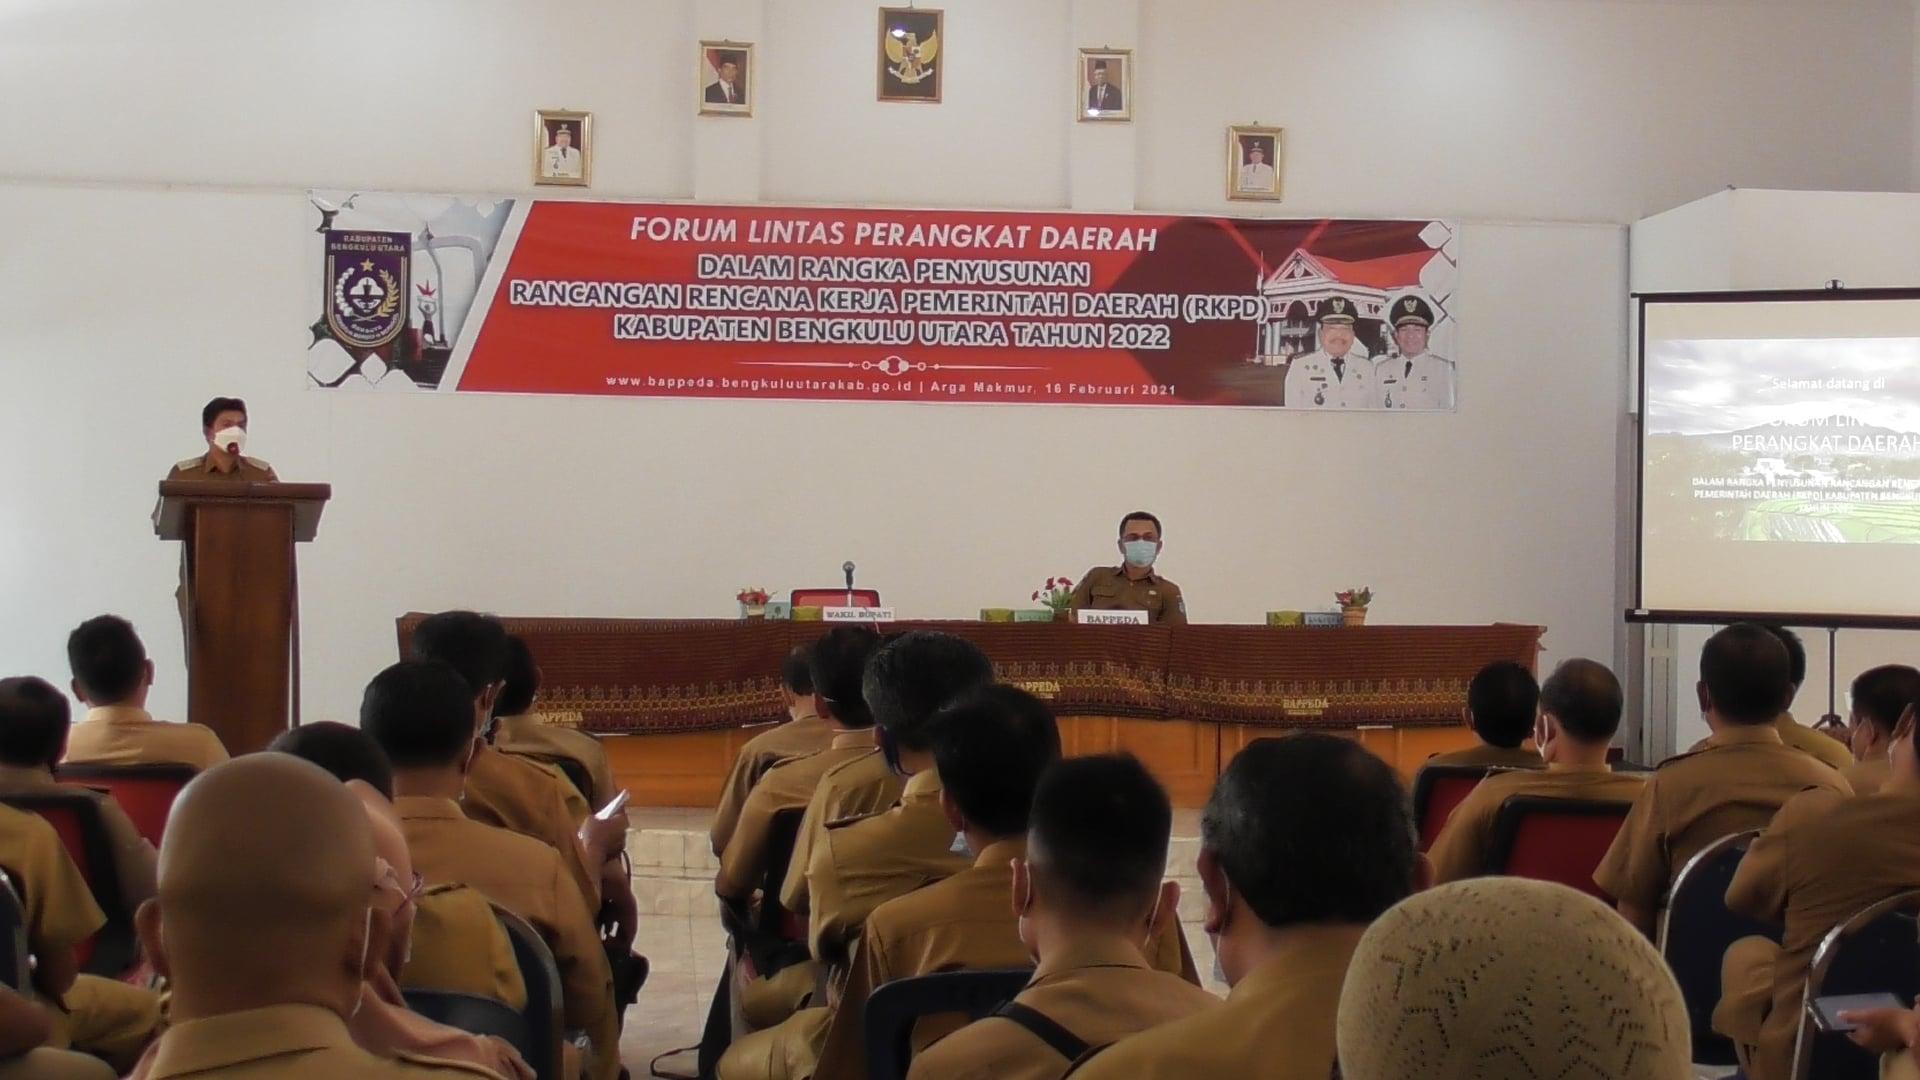 Penyusunan RKPD Tahun 2022 , Pemkab BU Gelar Forum Lintas Perangkat Daerah